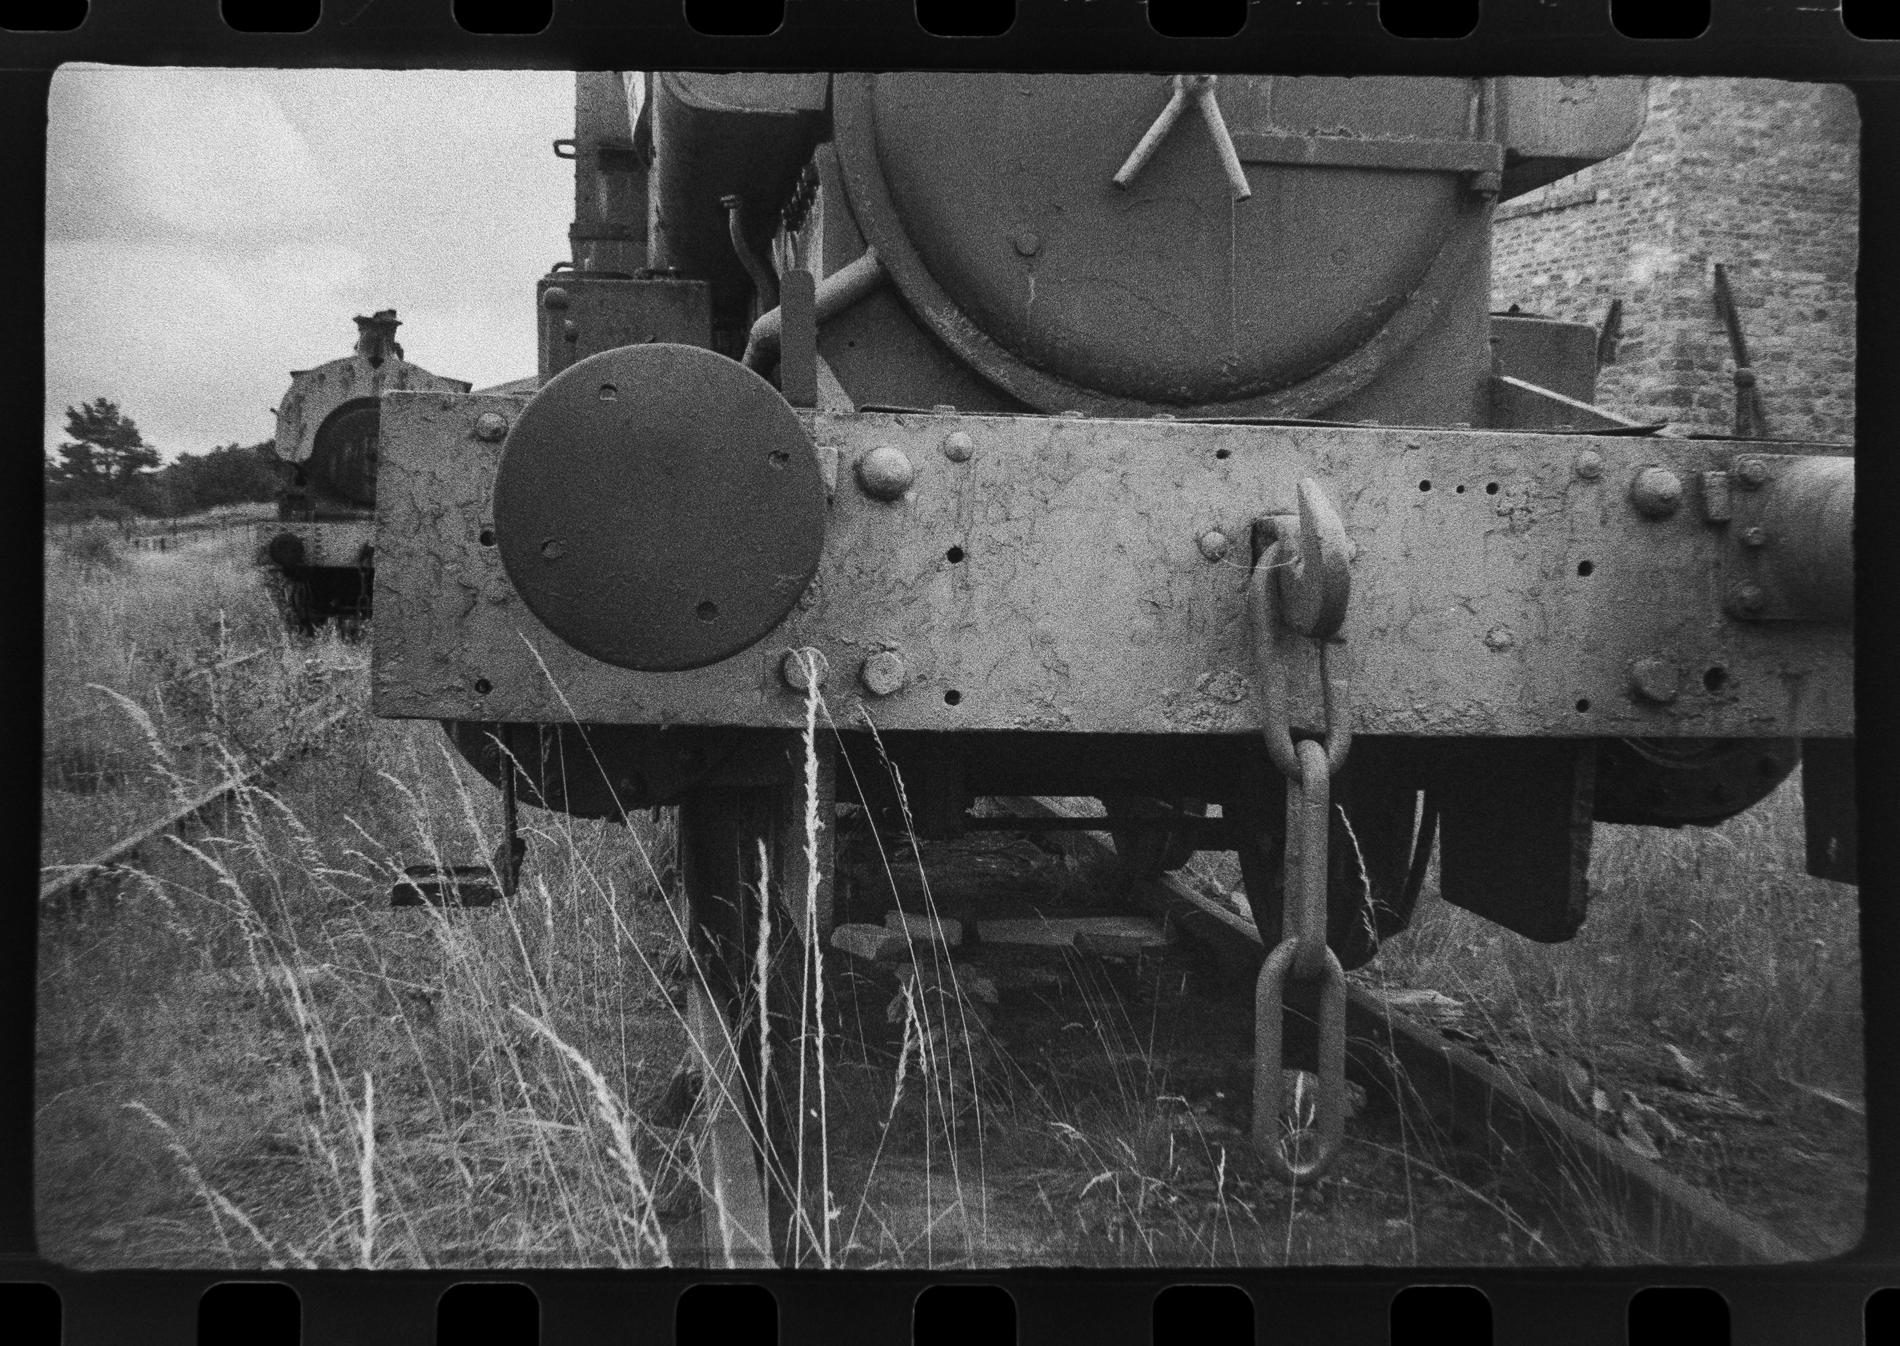 Close up of steam engine (Pic: Toby Van de Velde)